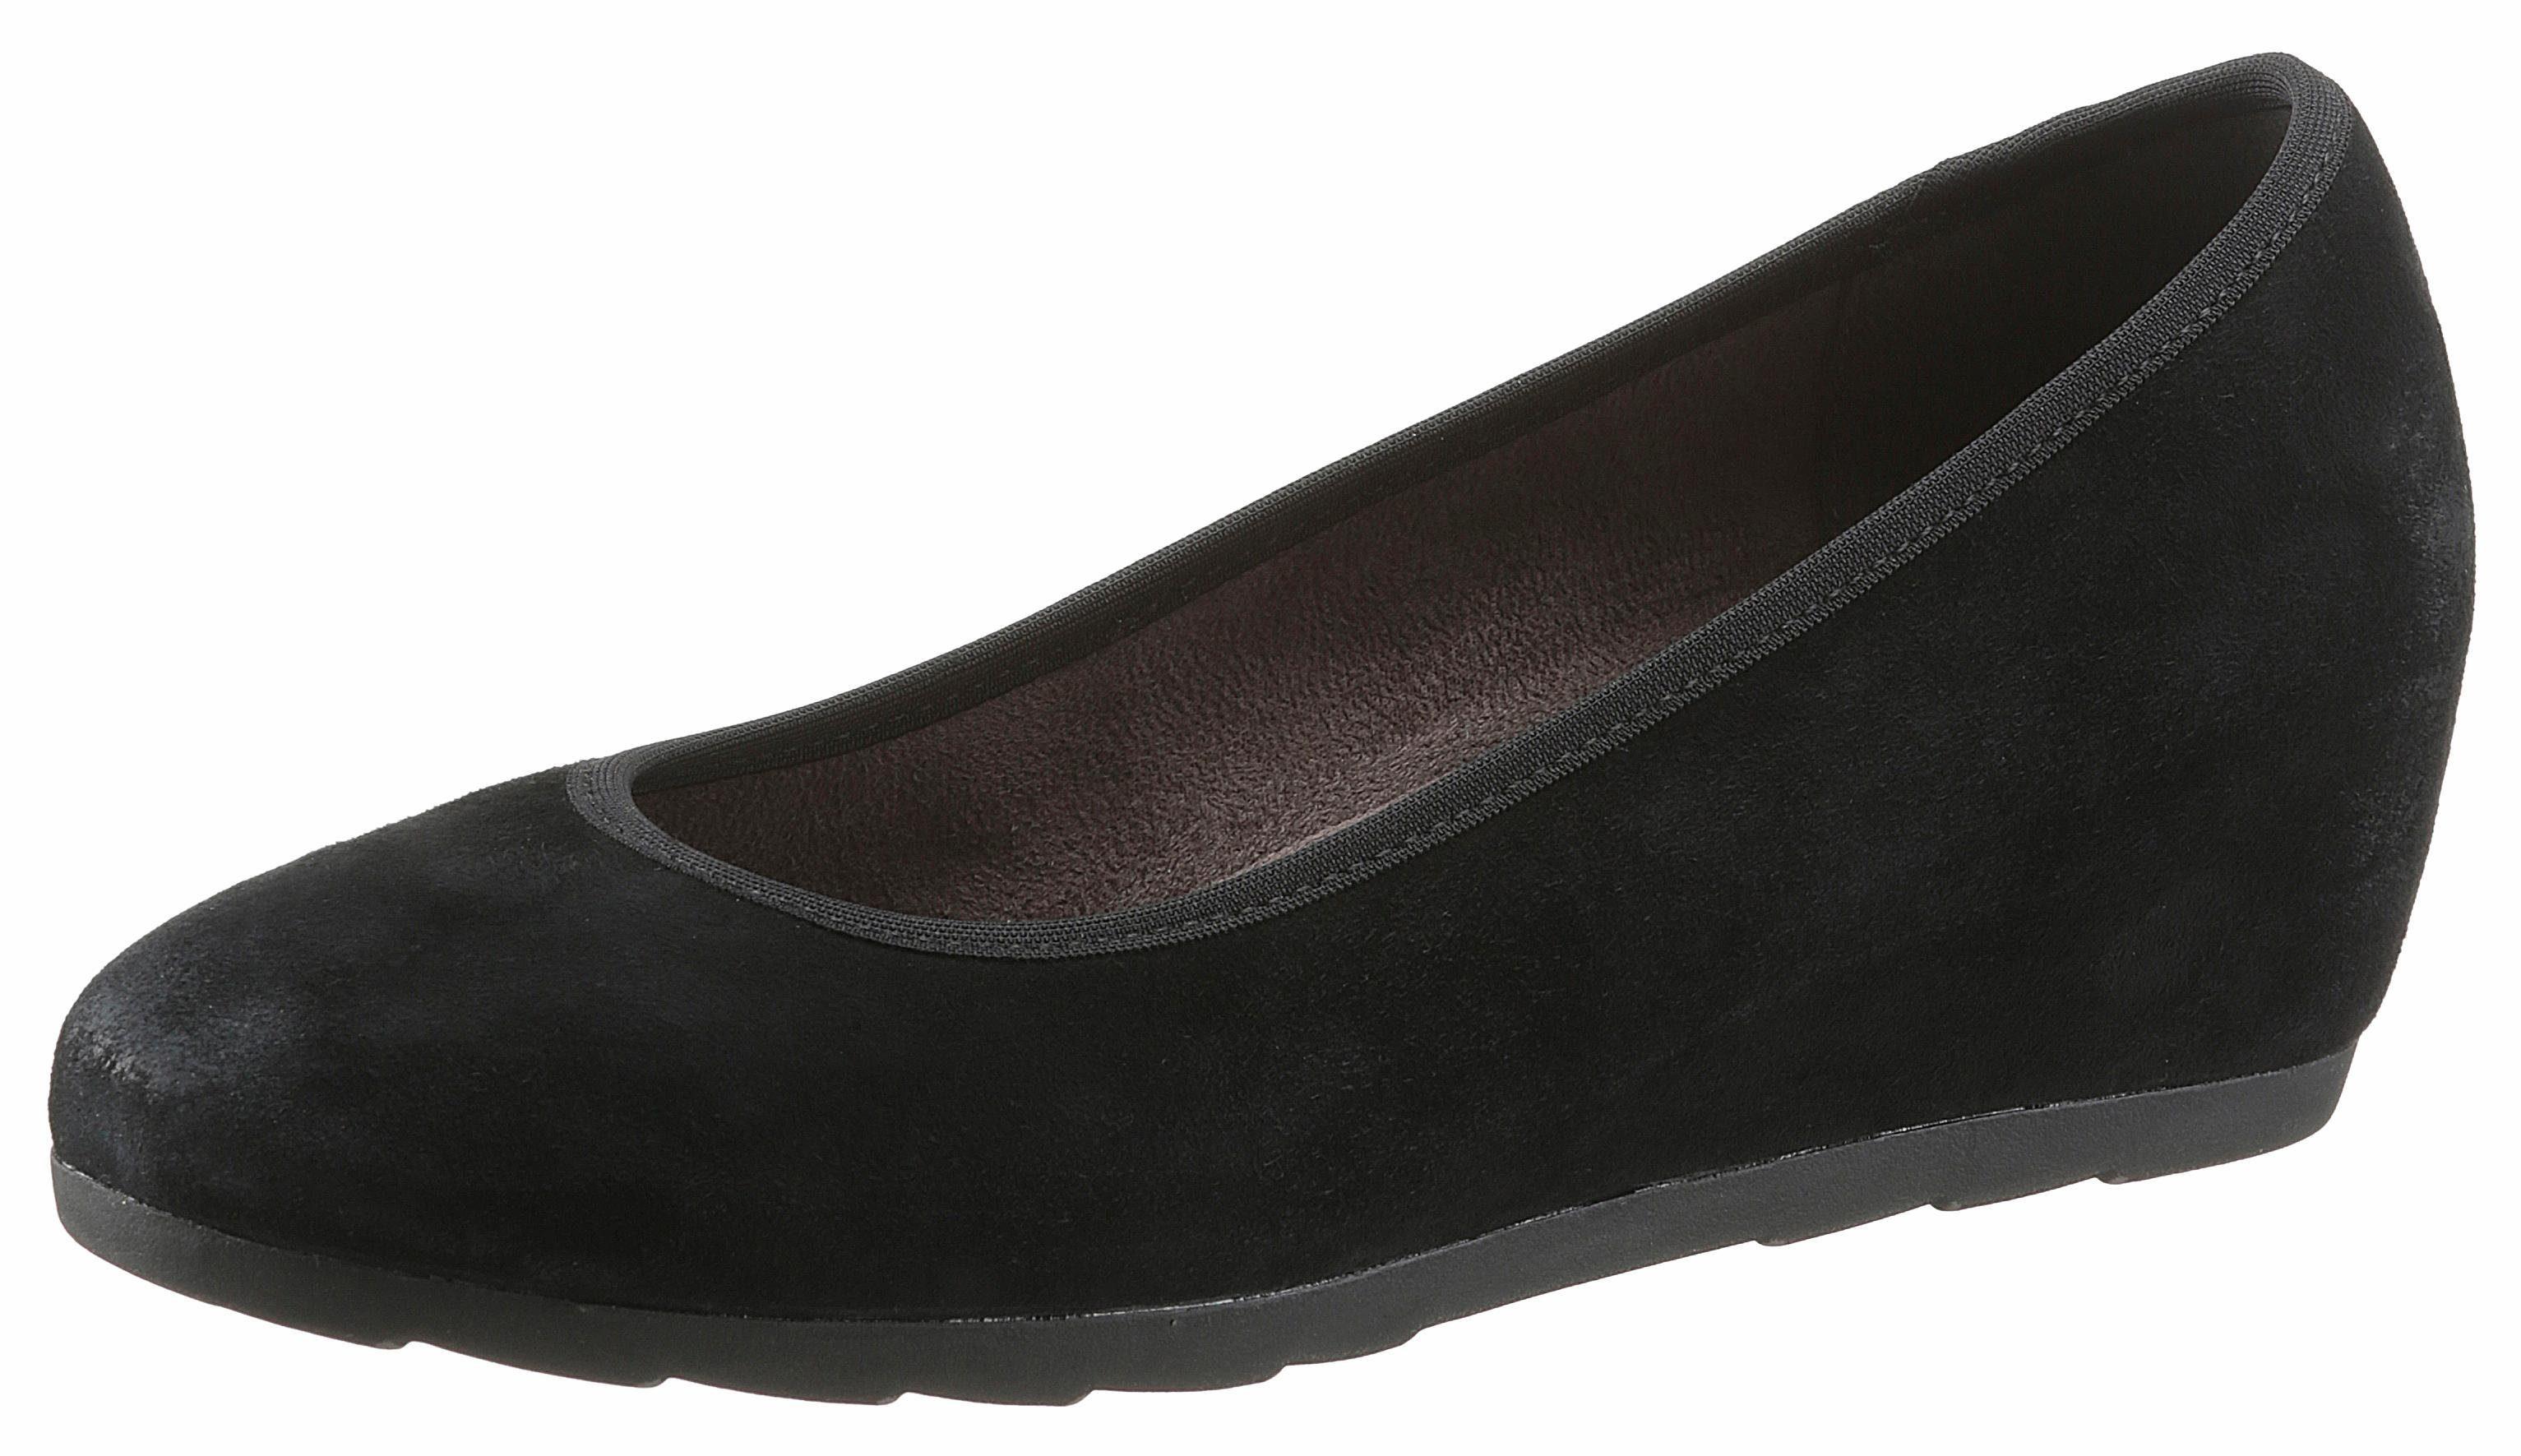 Jana Pumps, in Schuhweite: H (sehr weit), schwarz, schwarz